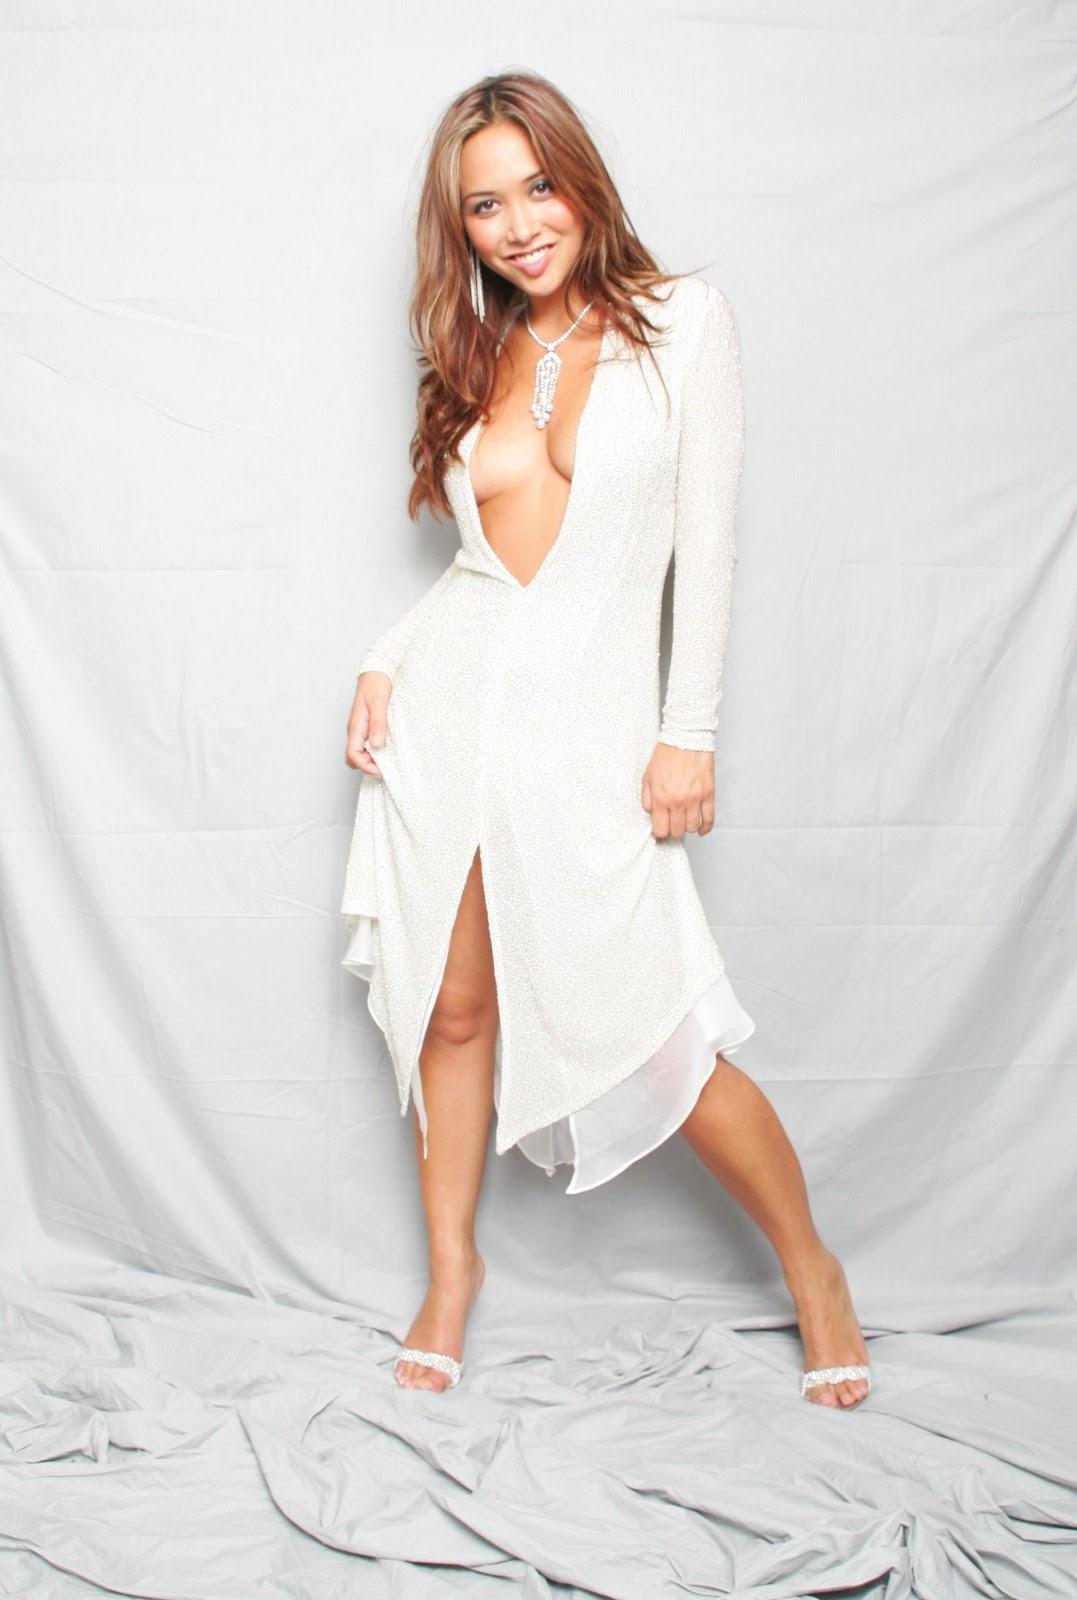 http://3.bp.blogspot.com/-hNw8yGPkaY0/UAab9AkqIgI/AAAAAAAAOwk/96cRKUl5e0A/s1600/Myleene+Klass+Cleavage+-+Dez+Mighty+Photoshoot+07.jpg